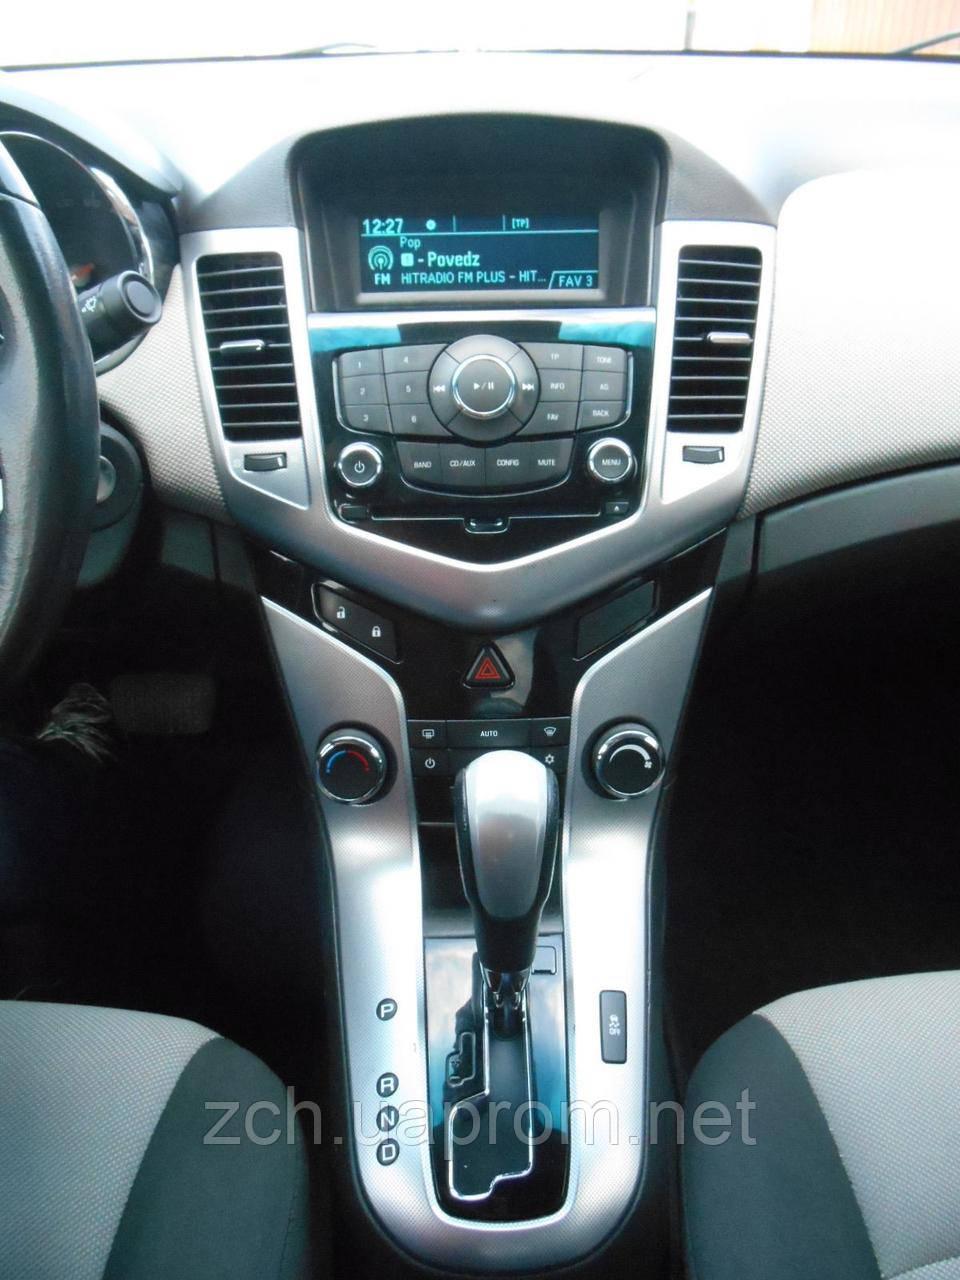 Центральная консоль Chevrolet Cruze